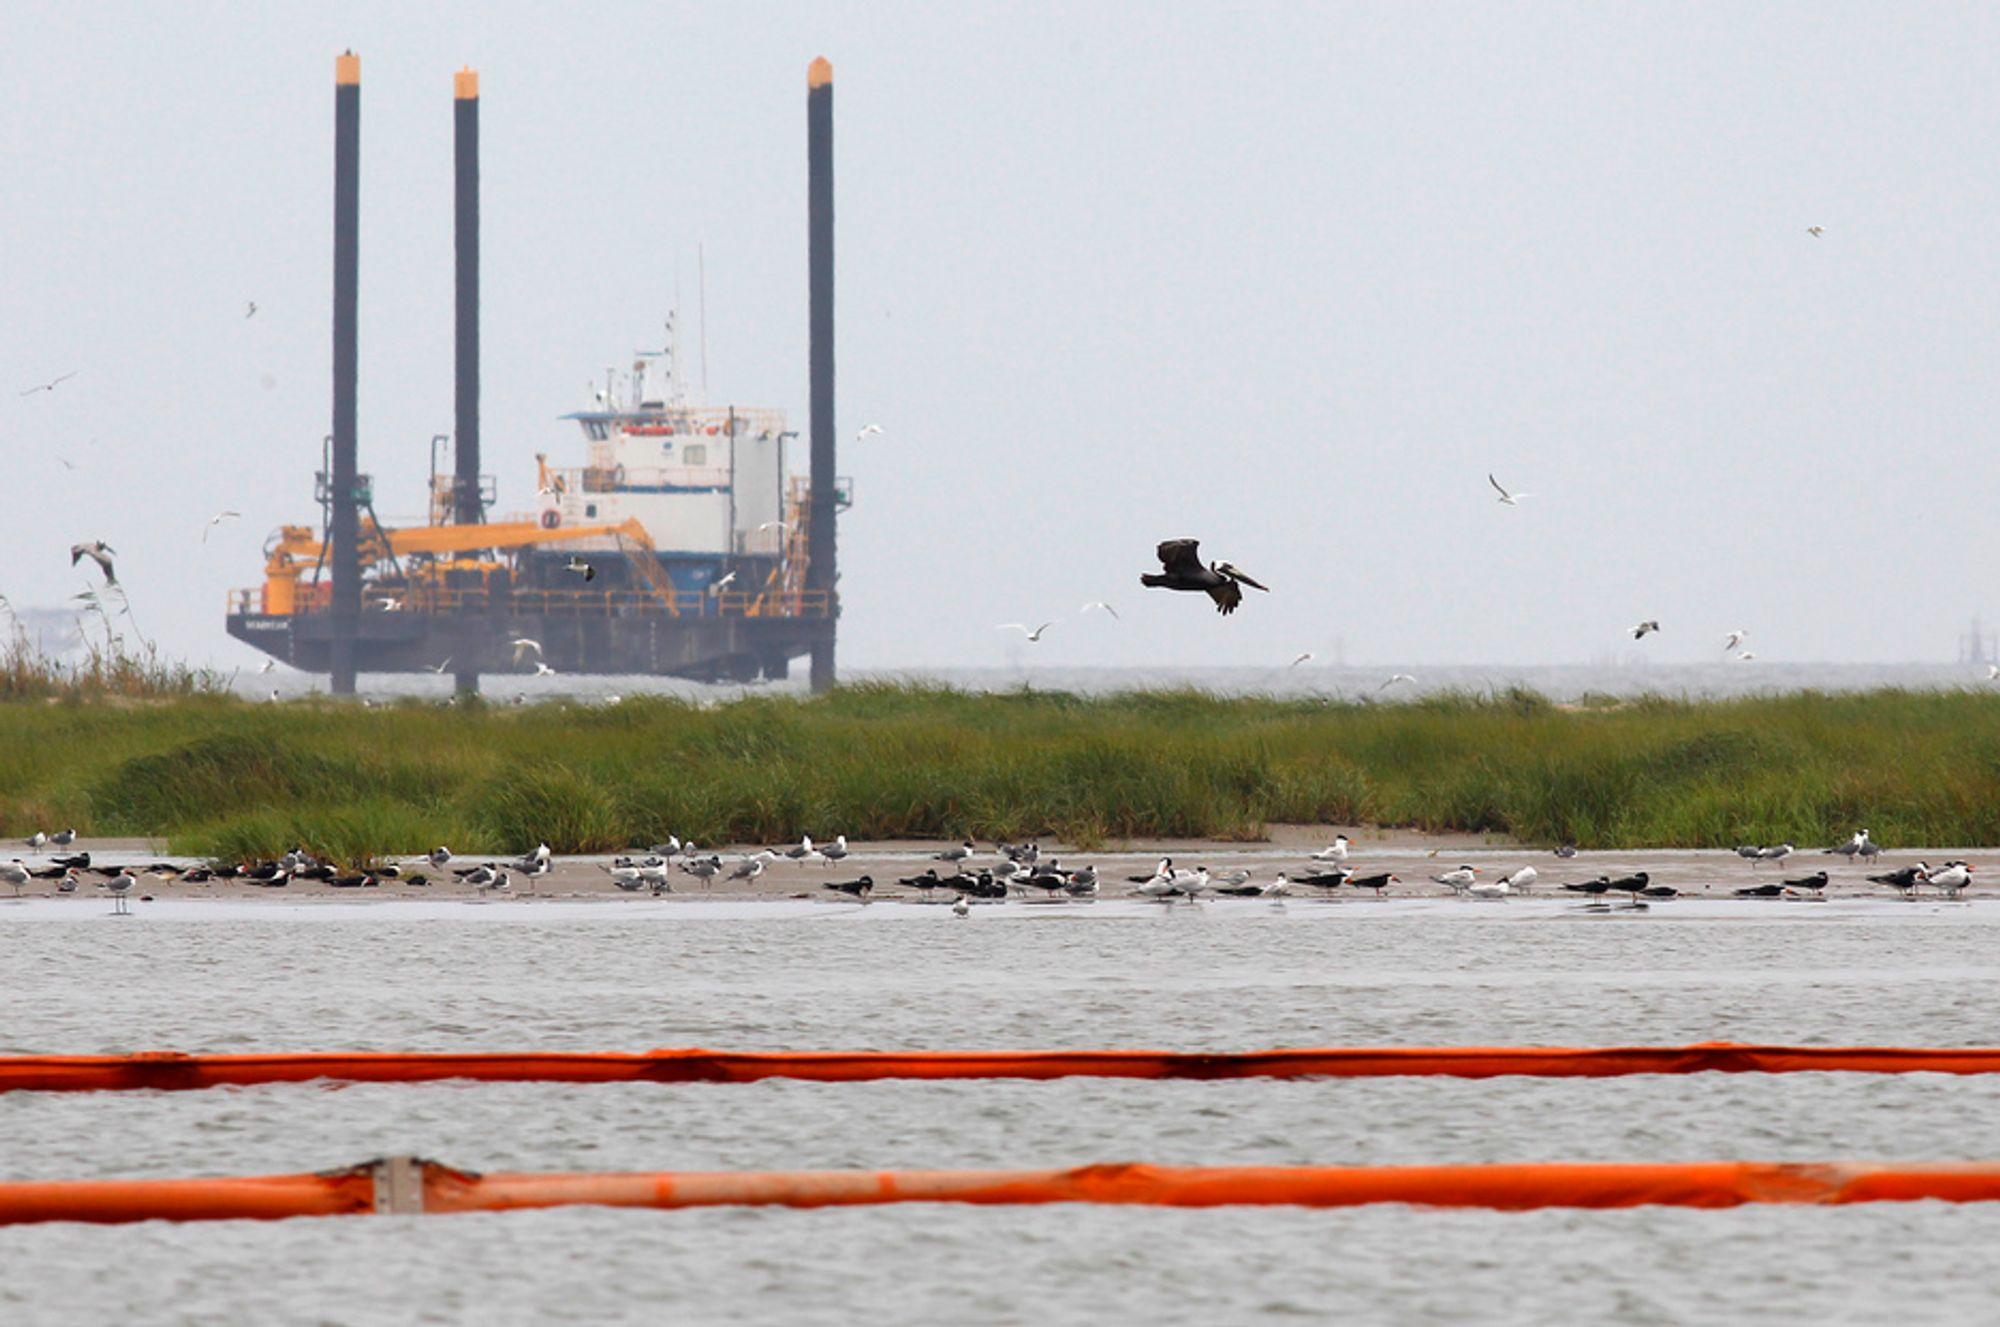 LENSEBARRIERE: En pelikan på vingene forbi en boreplattform ved Breton Island i den amerikanske delstaten Louisiana, der lenser er lagt ut for å beskytte mot oljeutslippet i Mexicogolfen.